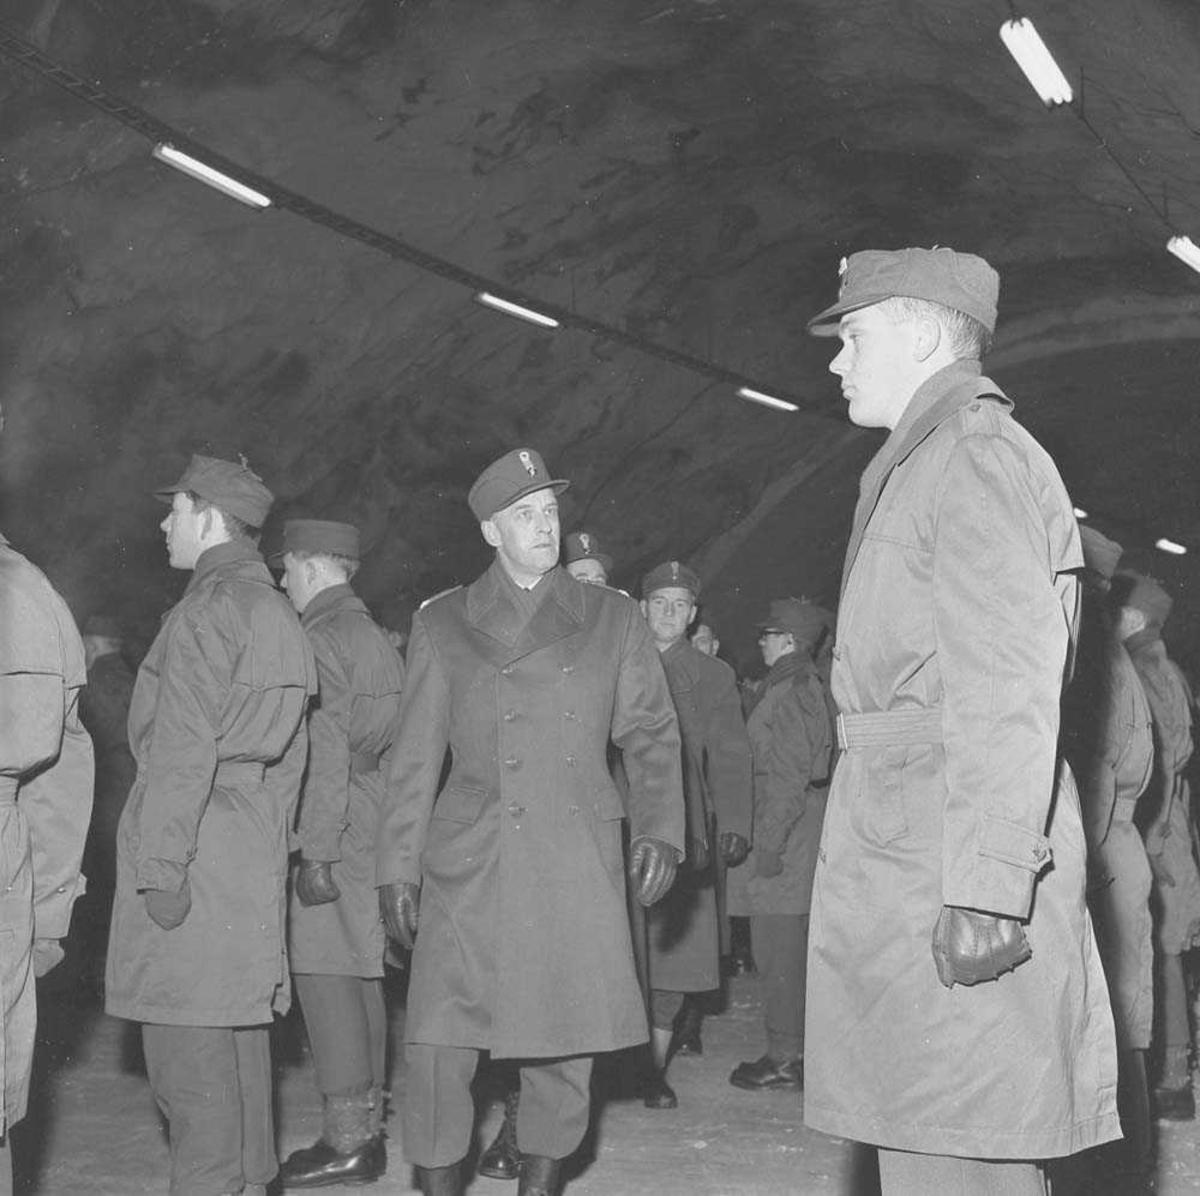 Hovedoppstilling på Bodø flystasjon for LK-sjefen General Werner Christie.